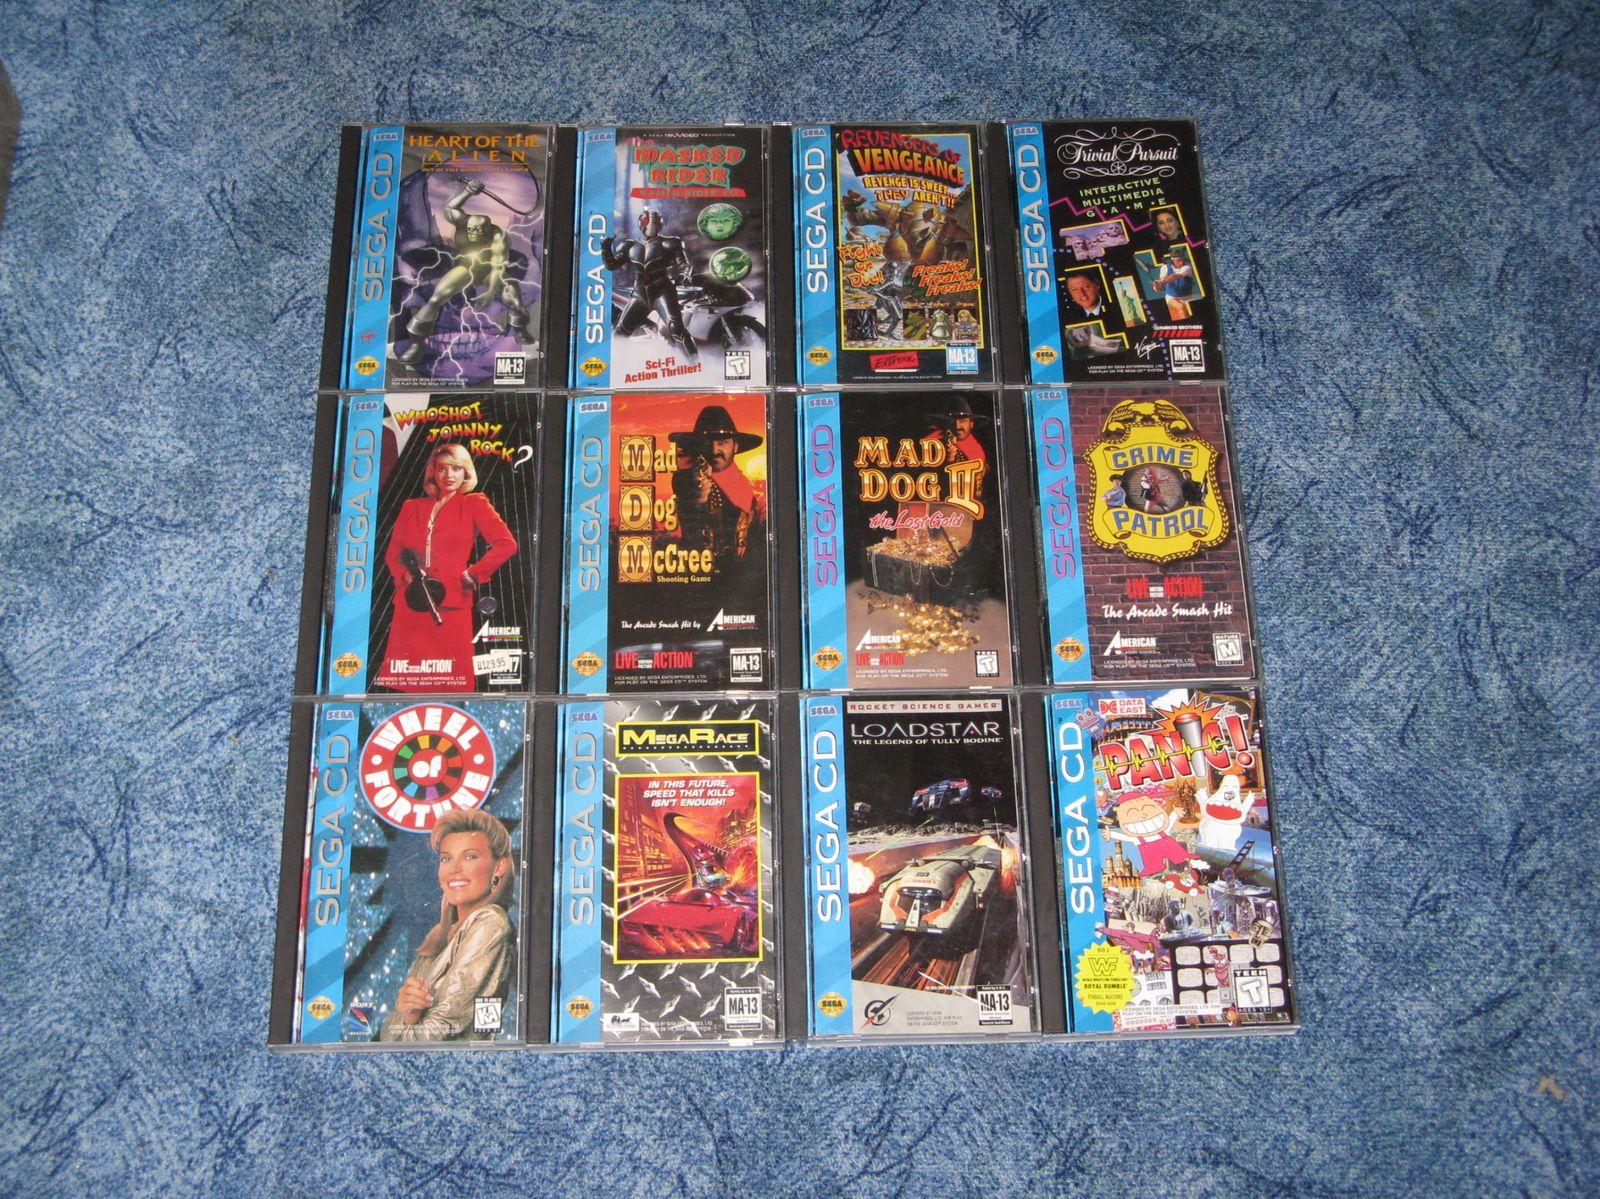 Collection 100 % Mega CD! Full set mega cd pal in!! et Mega LD! - Page 3 Les-jeux-Sega-cd-US-en-photo--2390